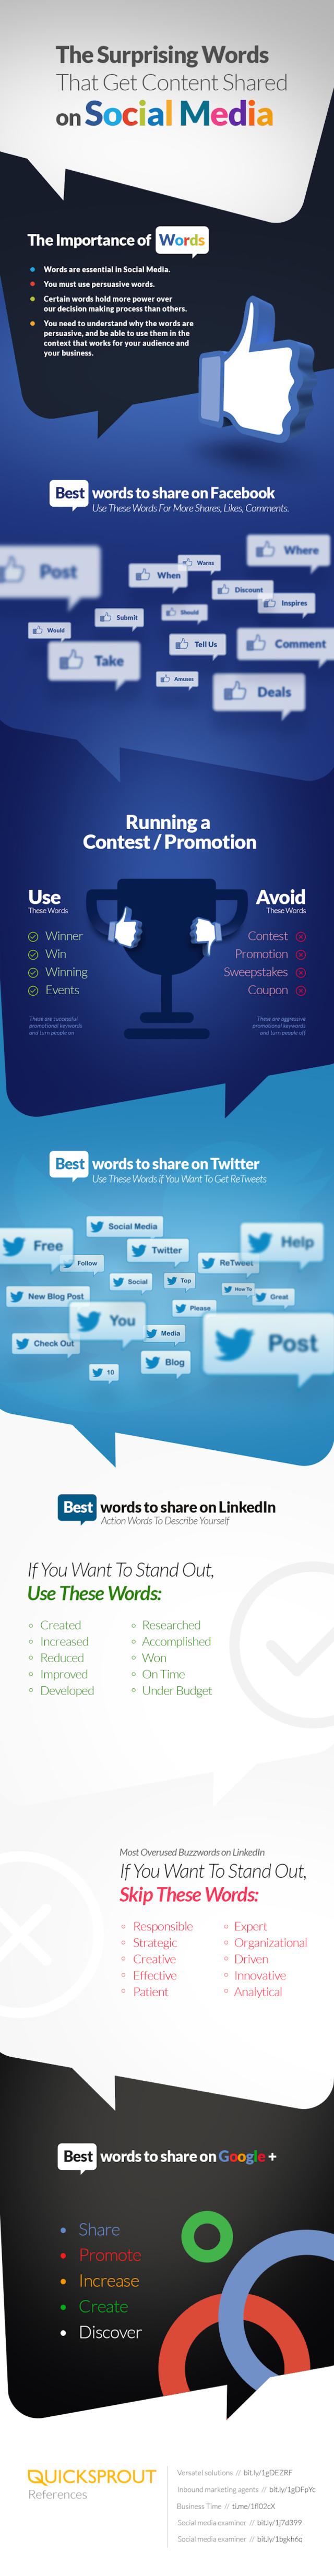 power-words-social-media